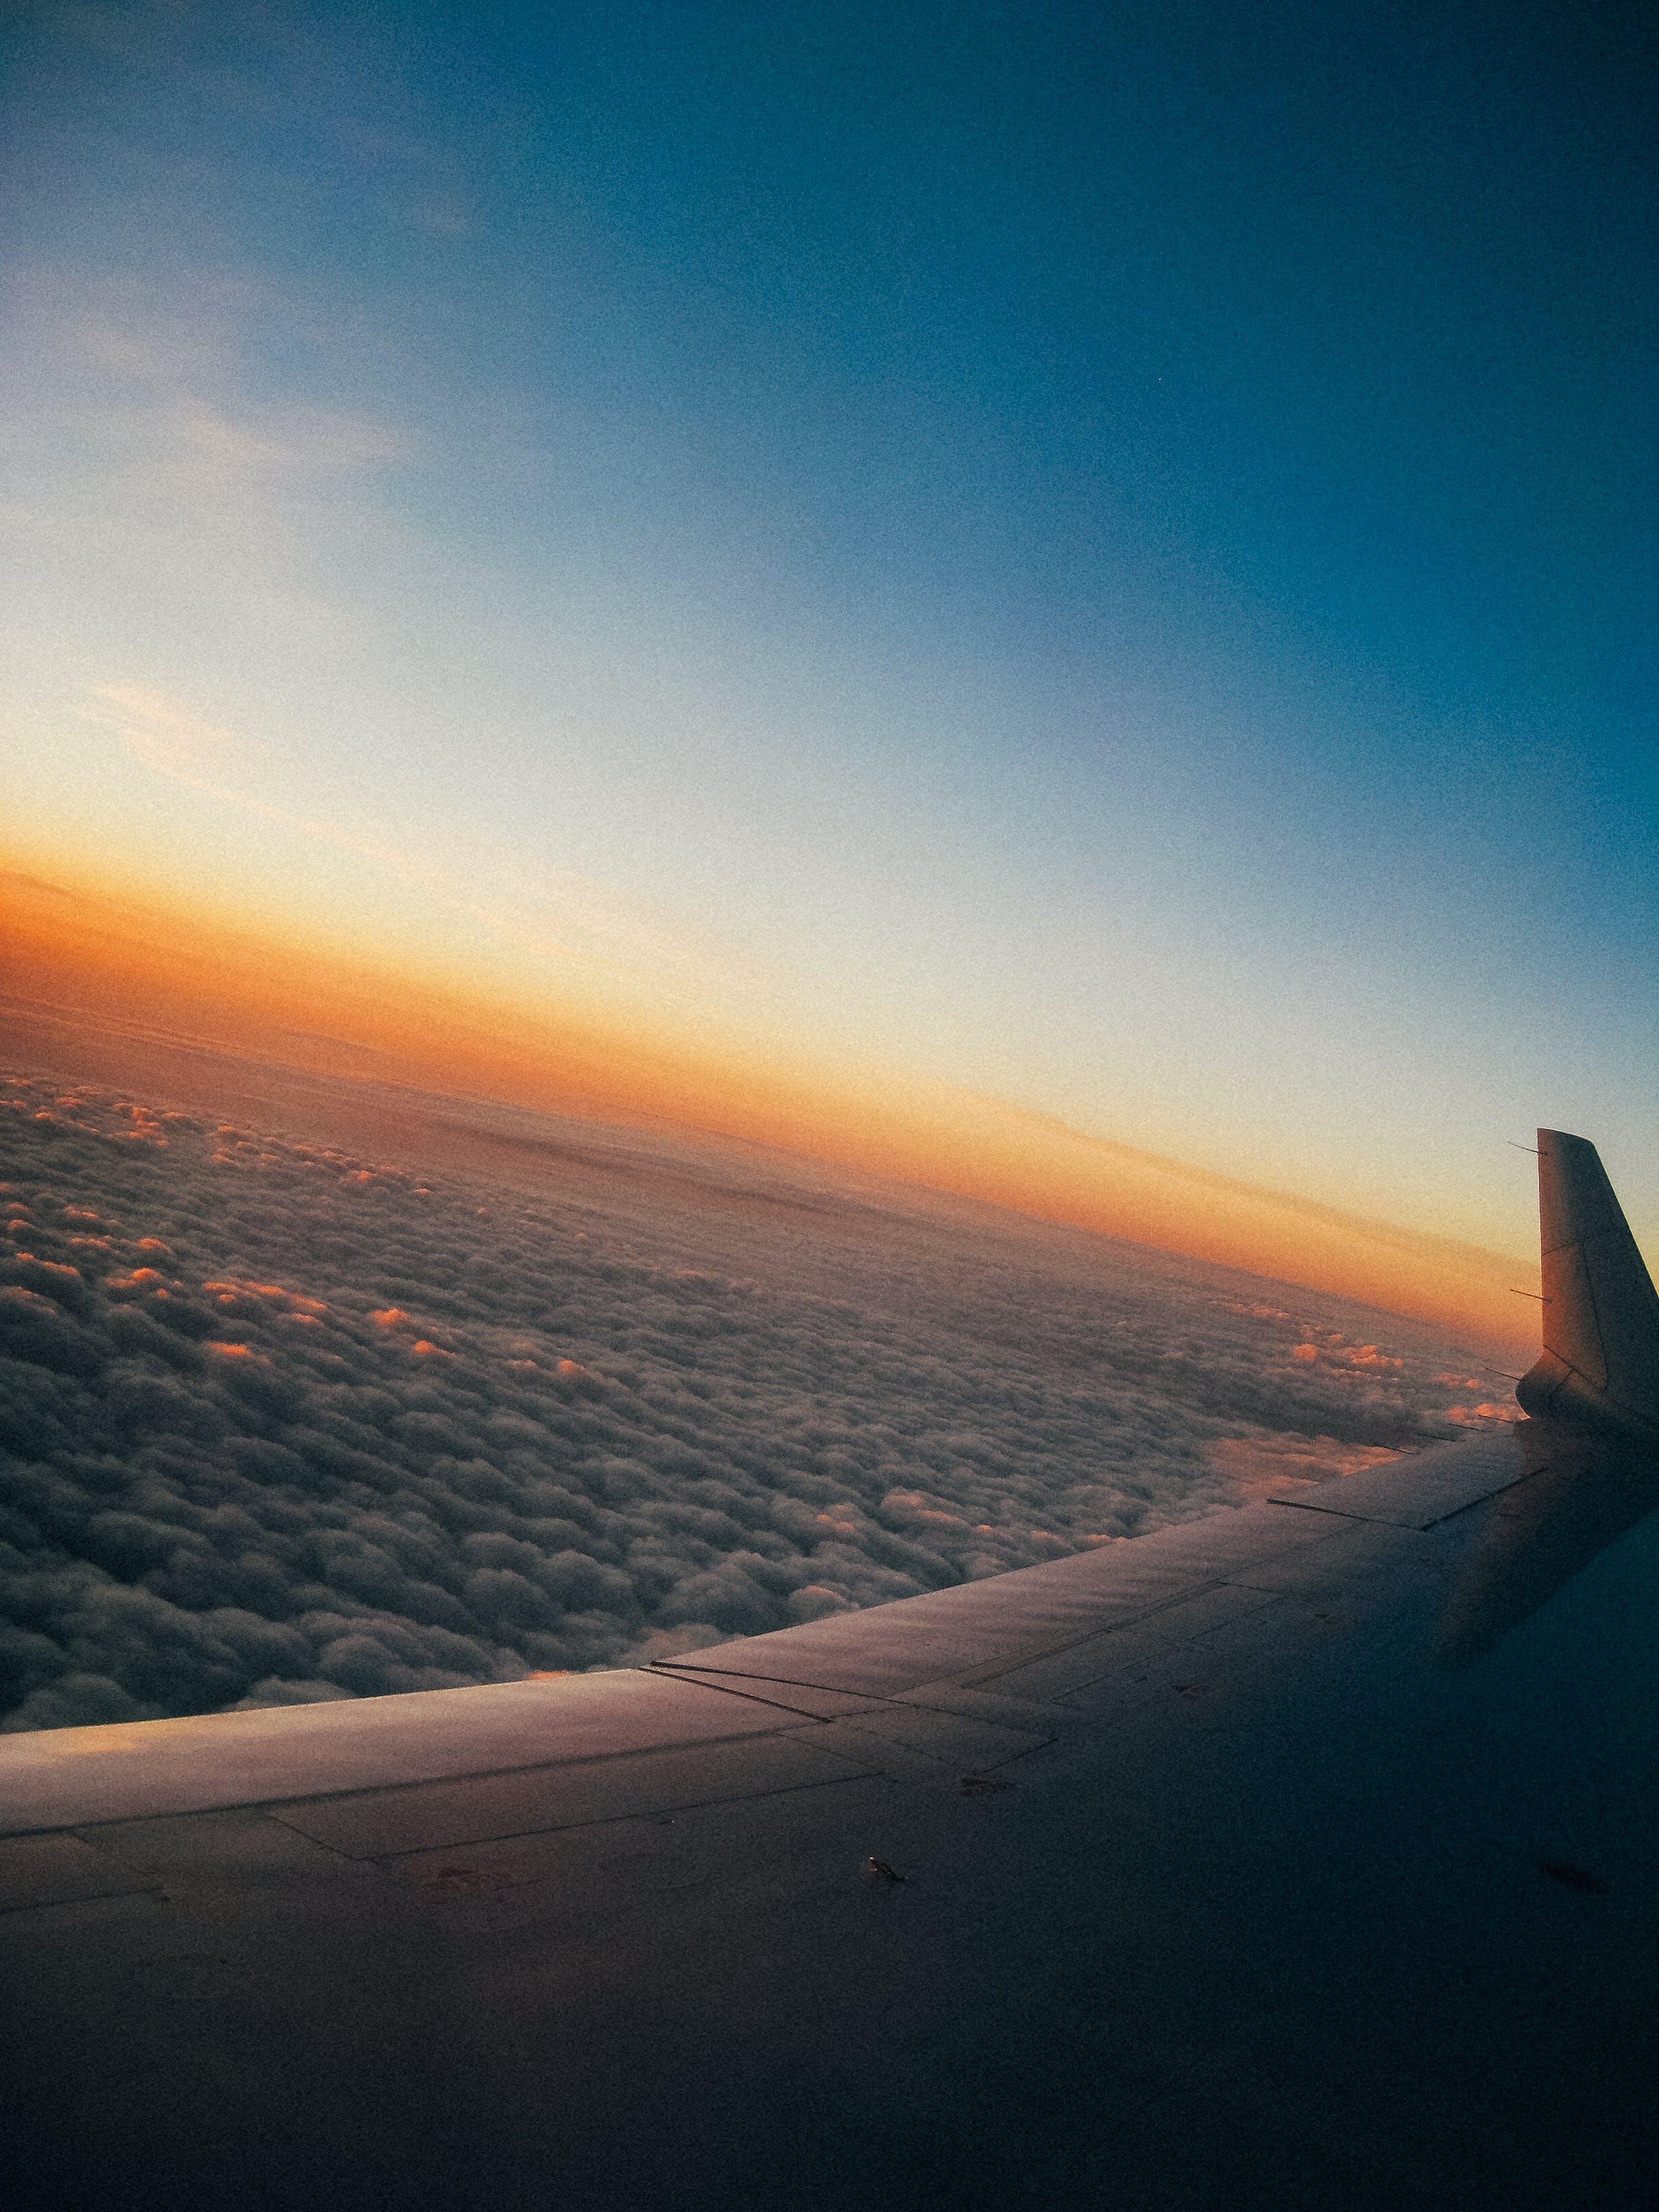 Foto profissional grátis de 2019, aéreo, aerofotografia, aeronave